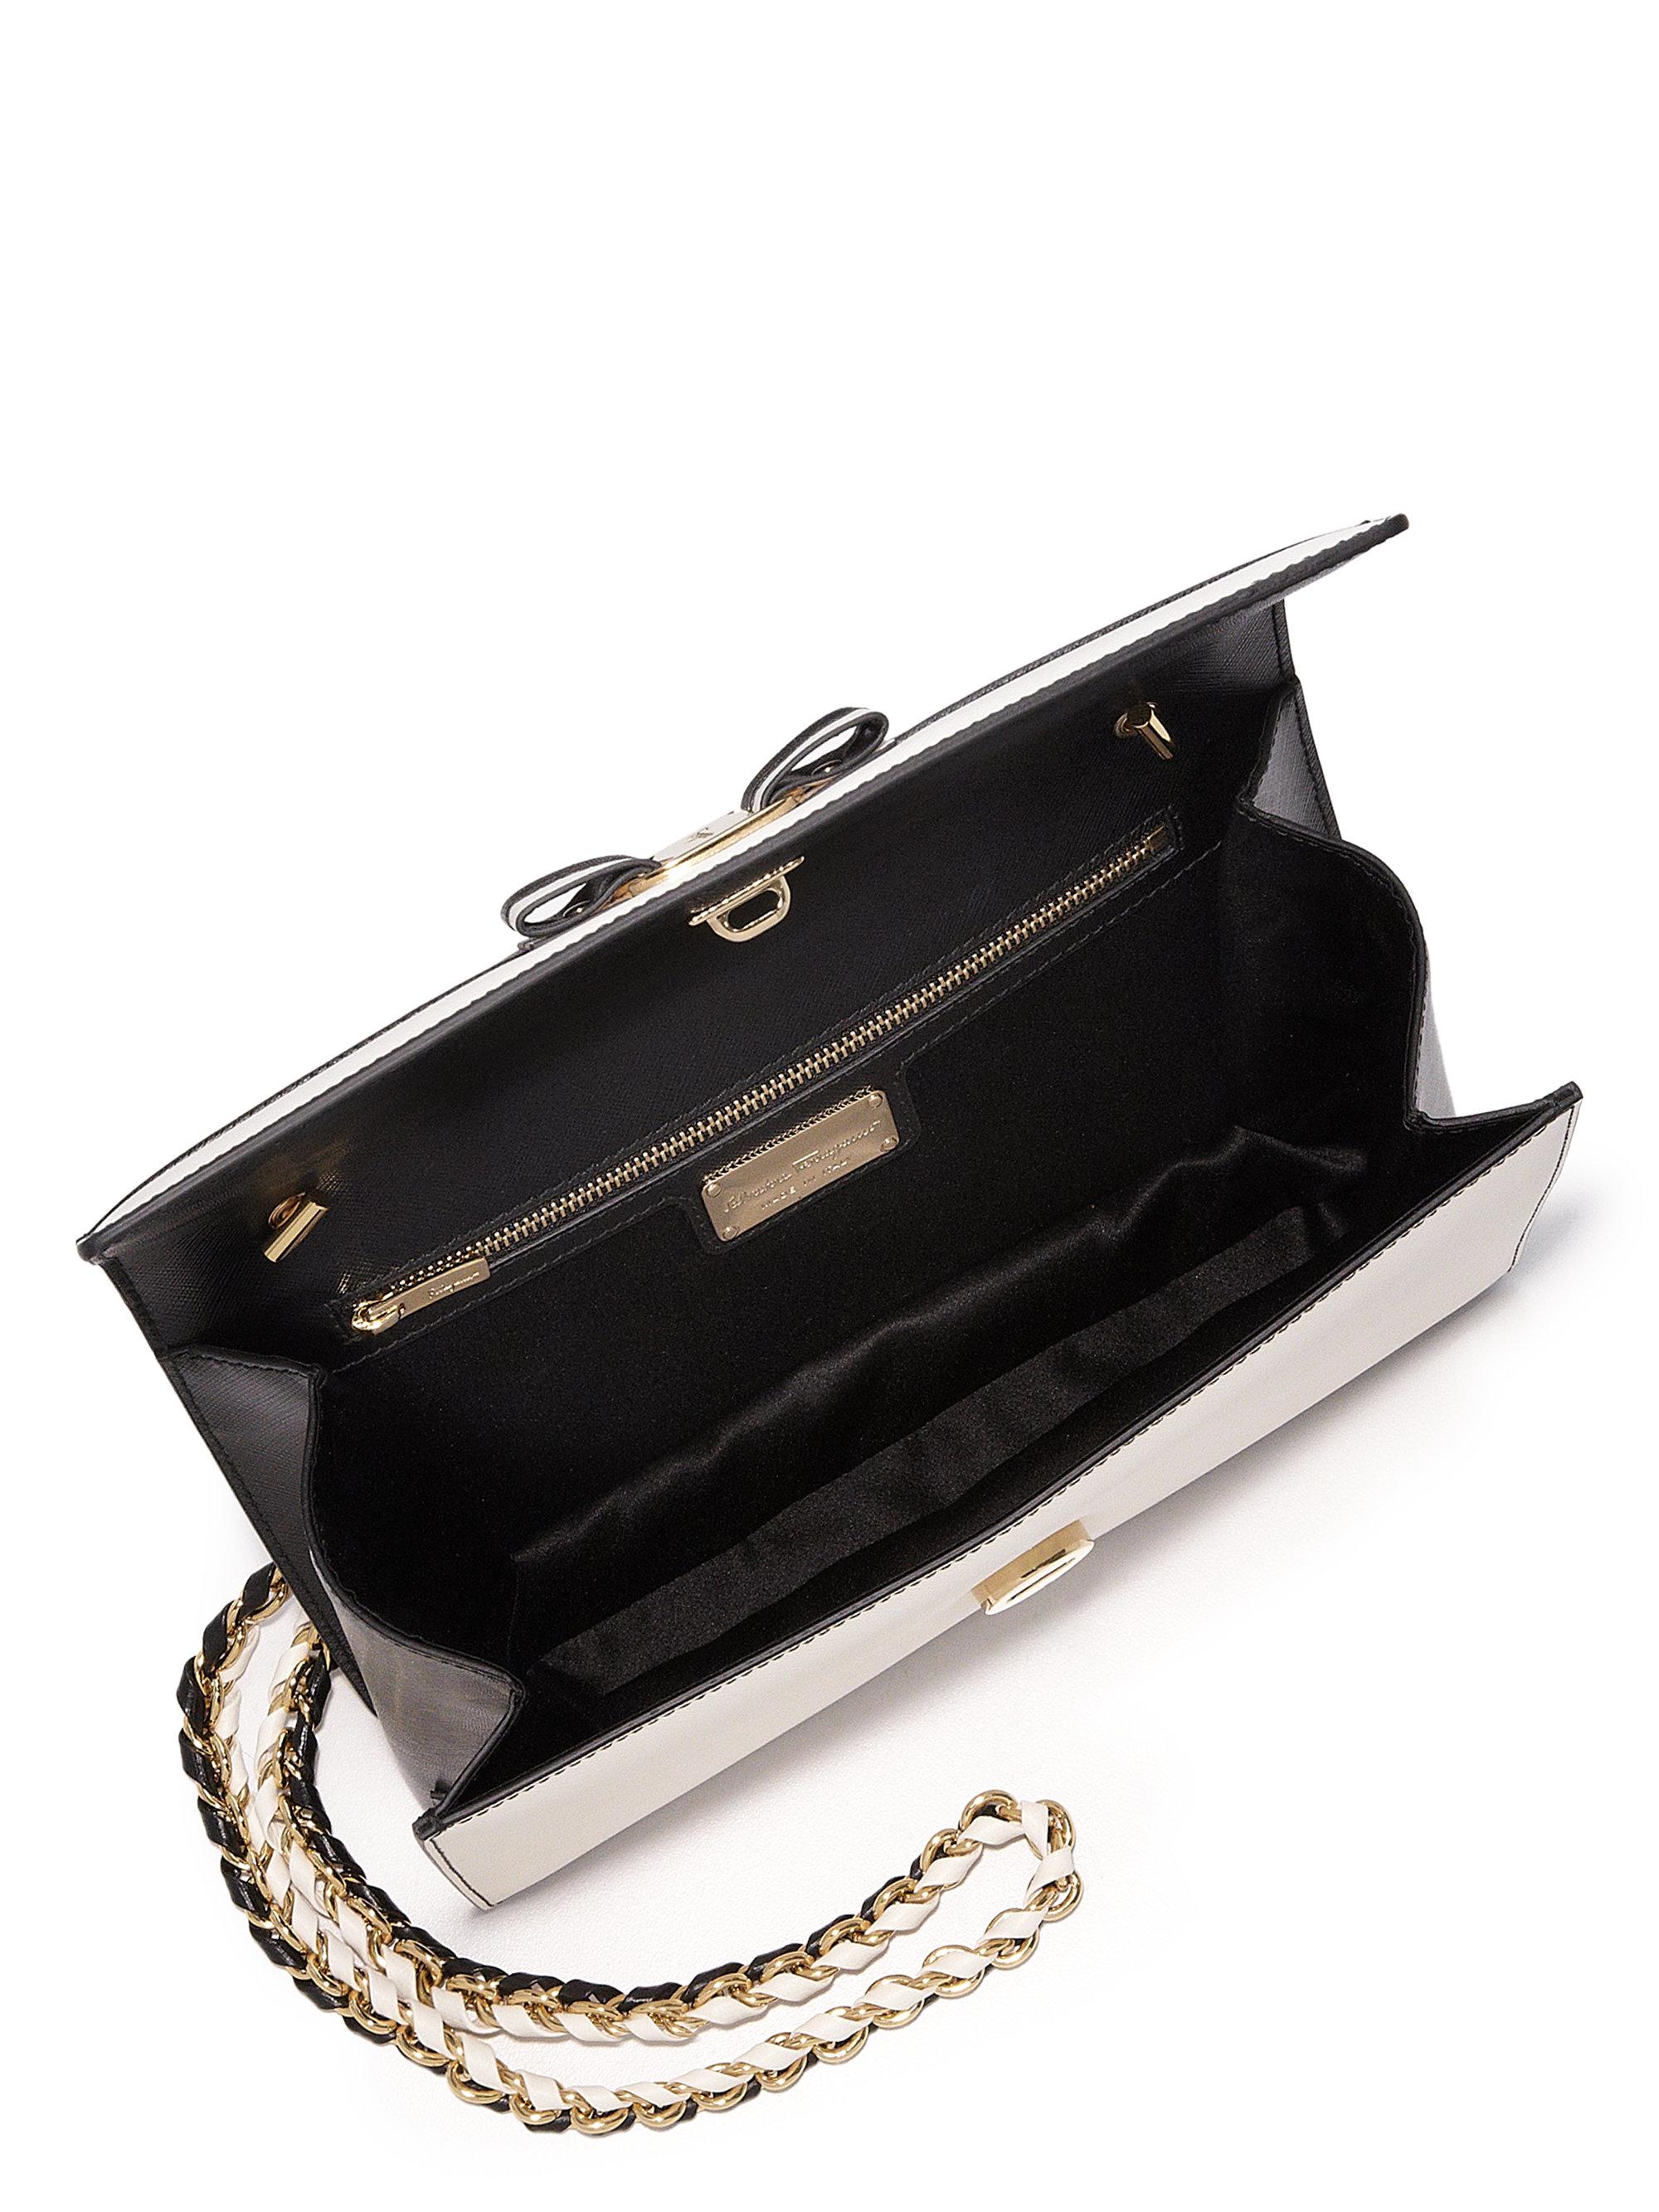 ... Crossbody Bag recognized brands b49bd fb12f  Lyst - Ferragamo Ginny  Medium Two-tone Saffiano Leather Cros wide range aac12 d9a75 ... 58fded8184